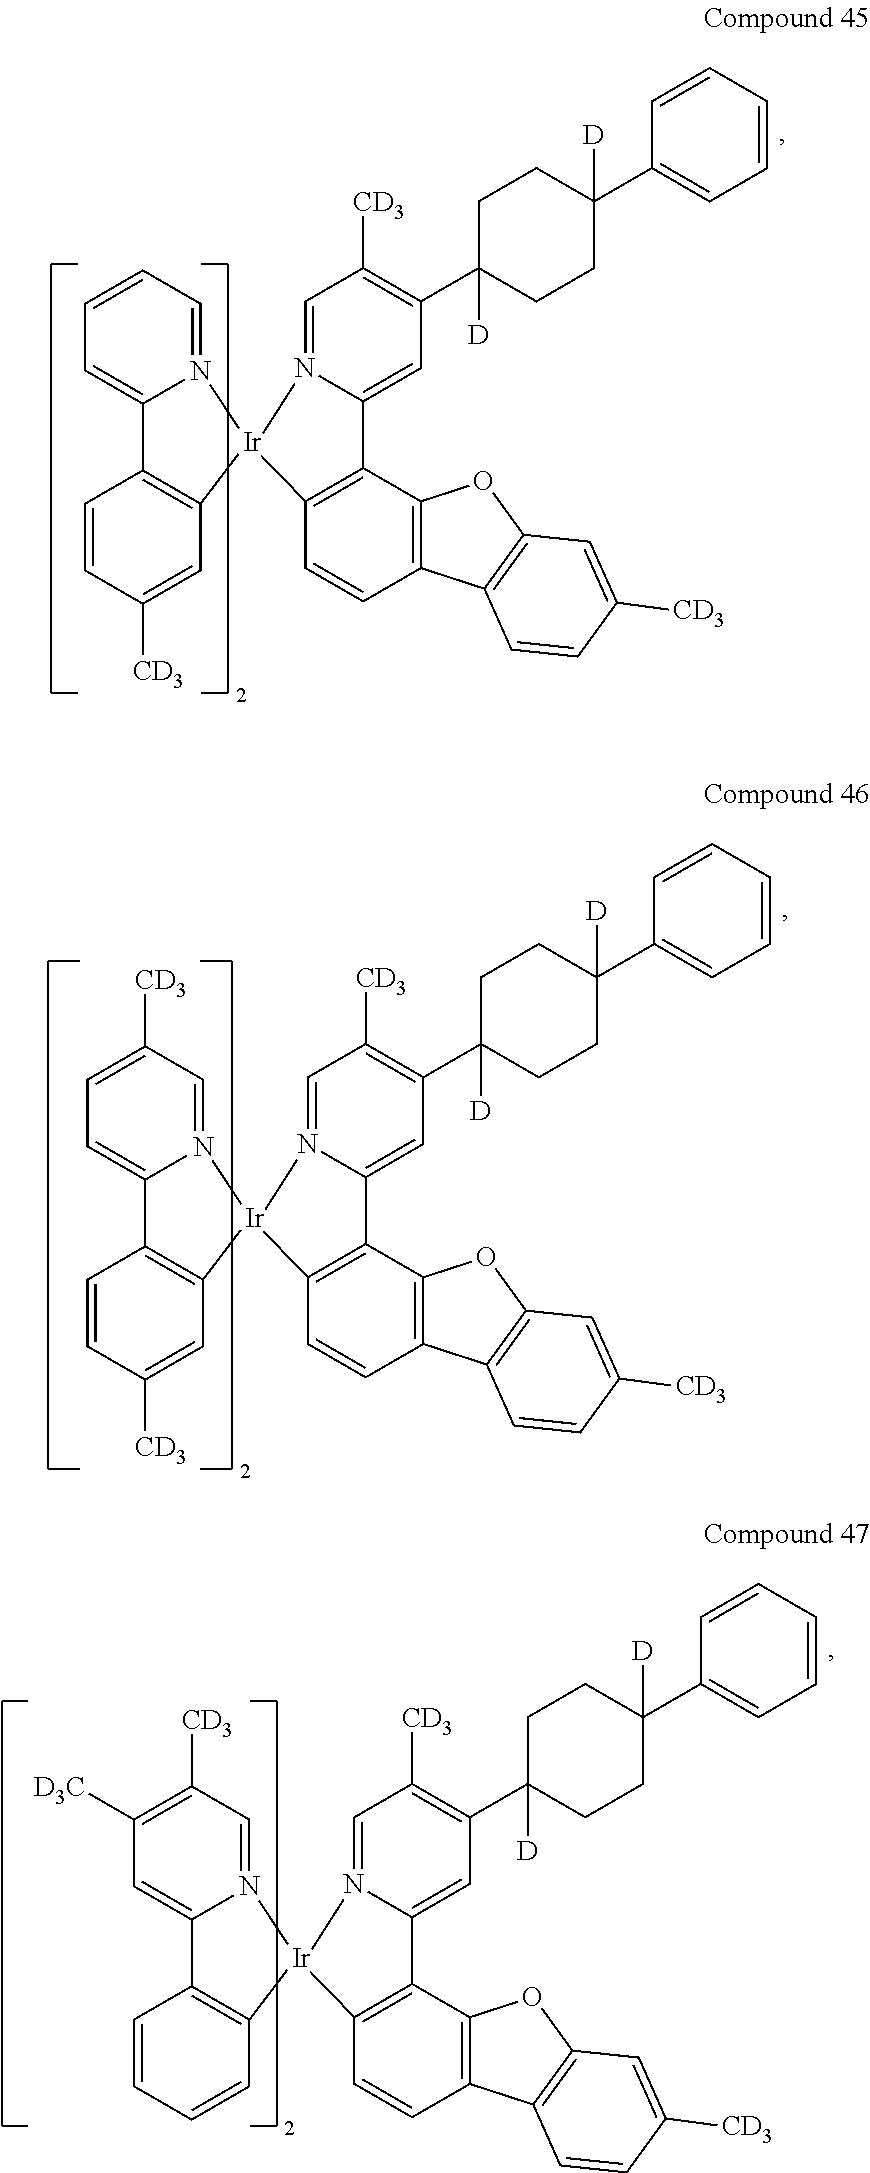 Figure US20180076393A1-20180315-C00036